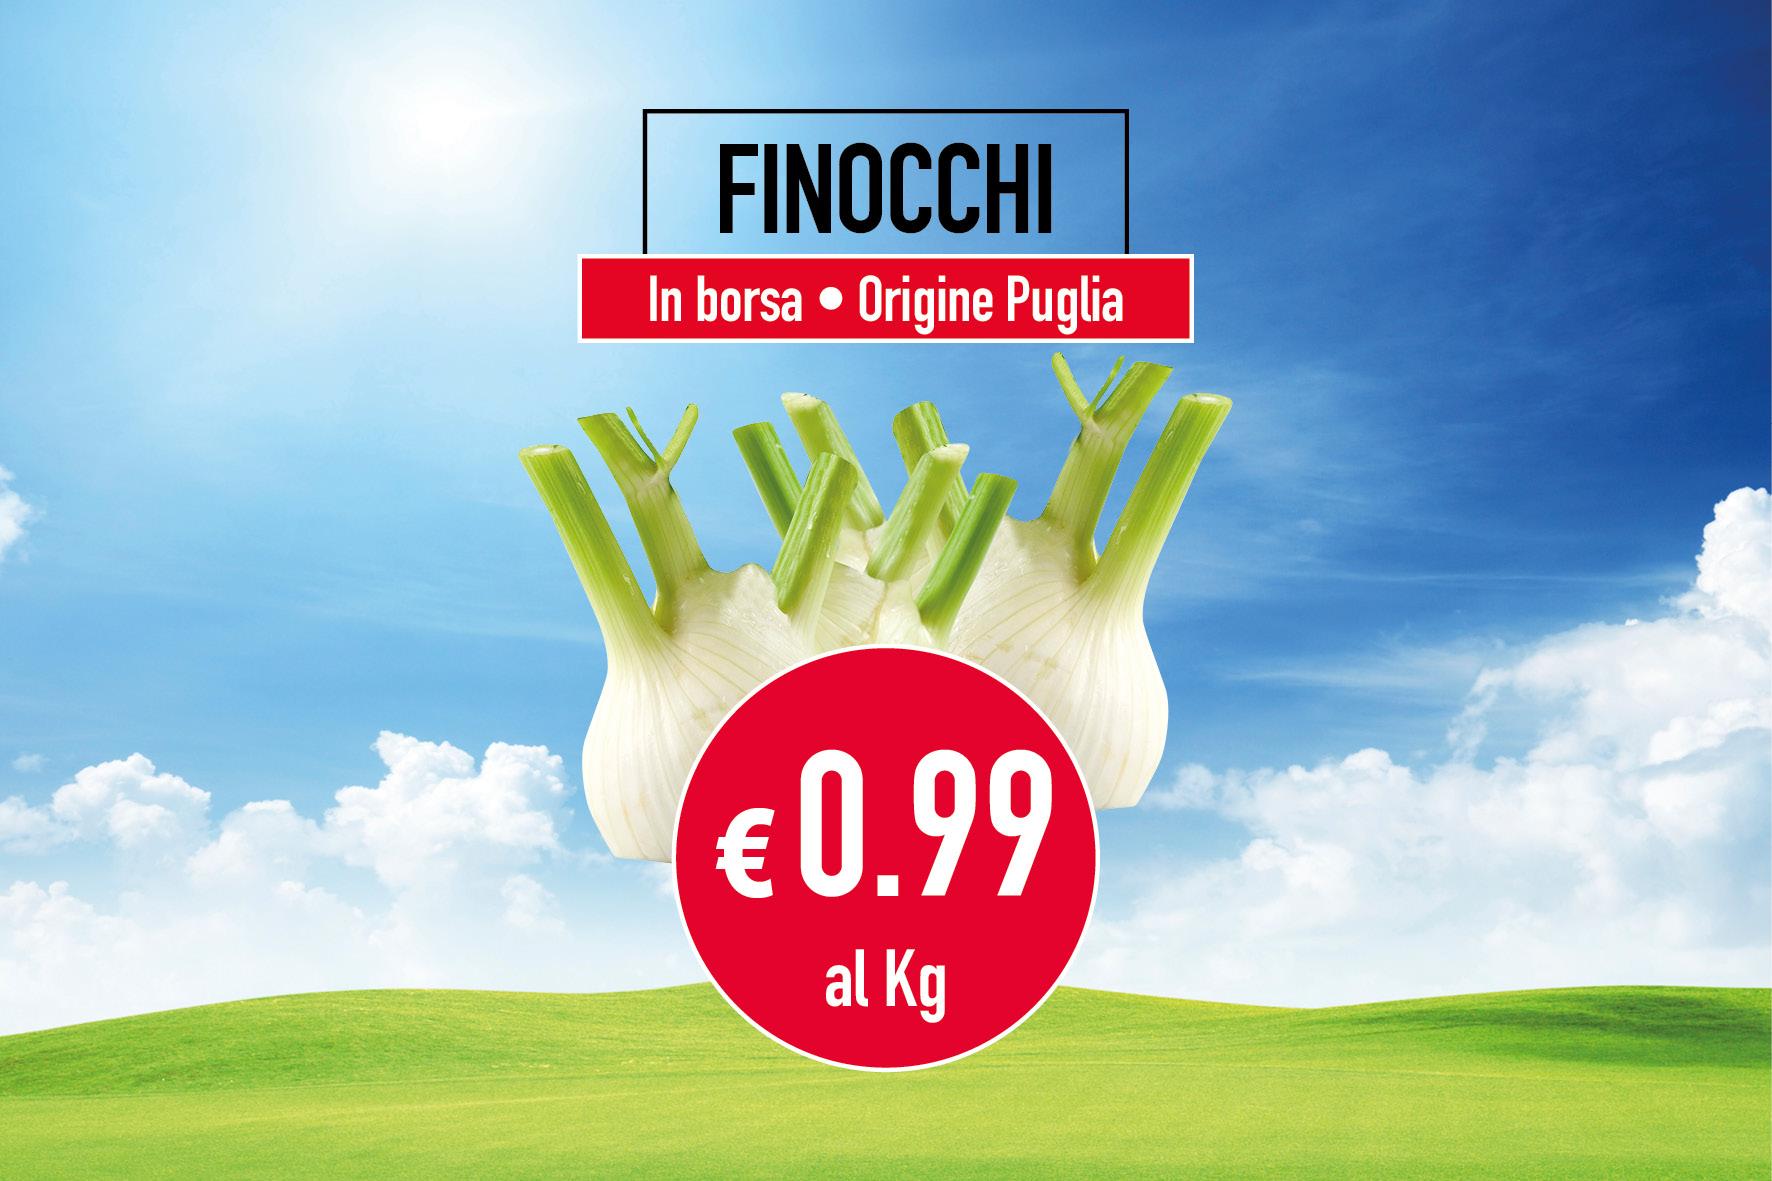 Finocchi